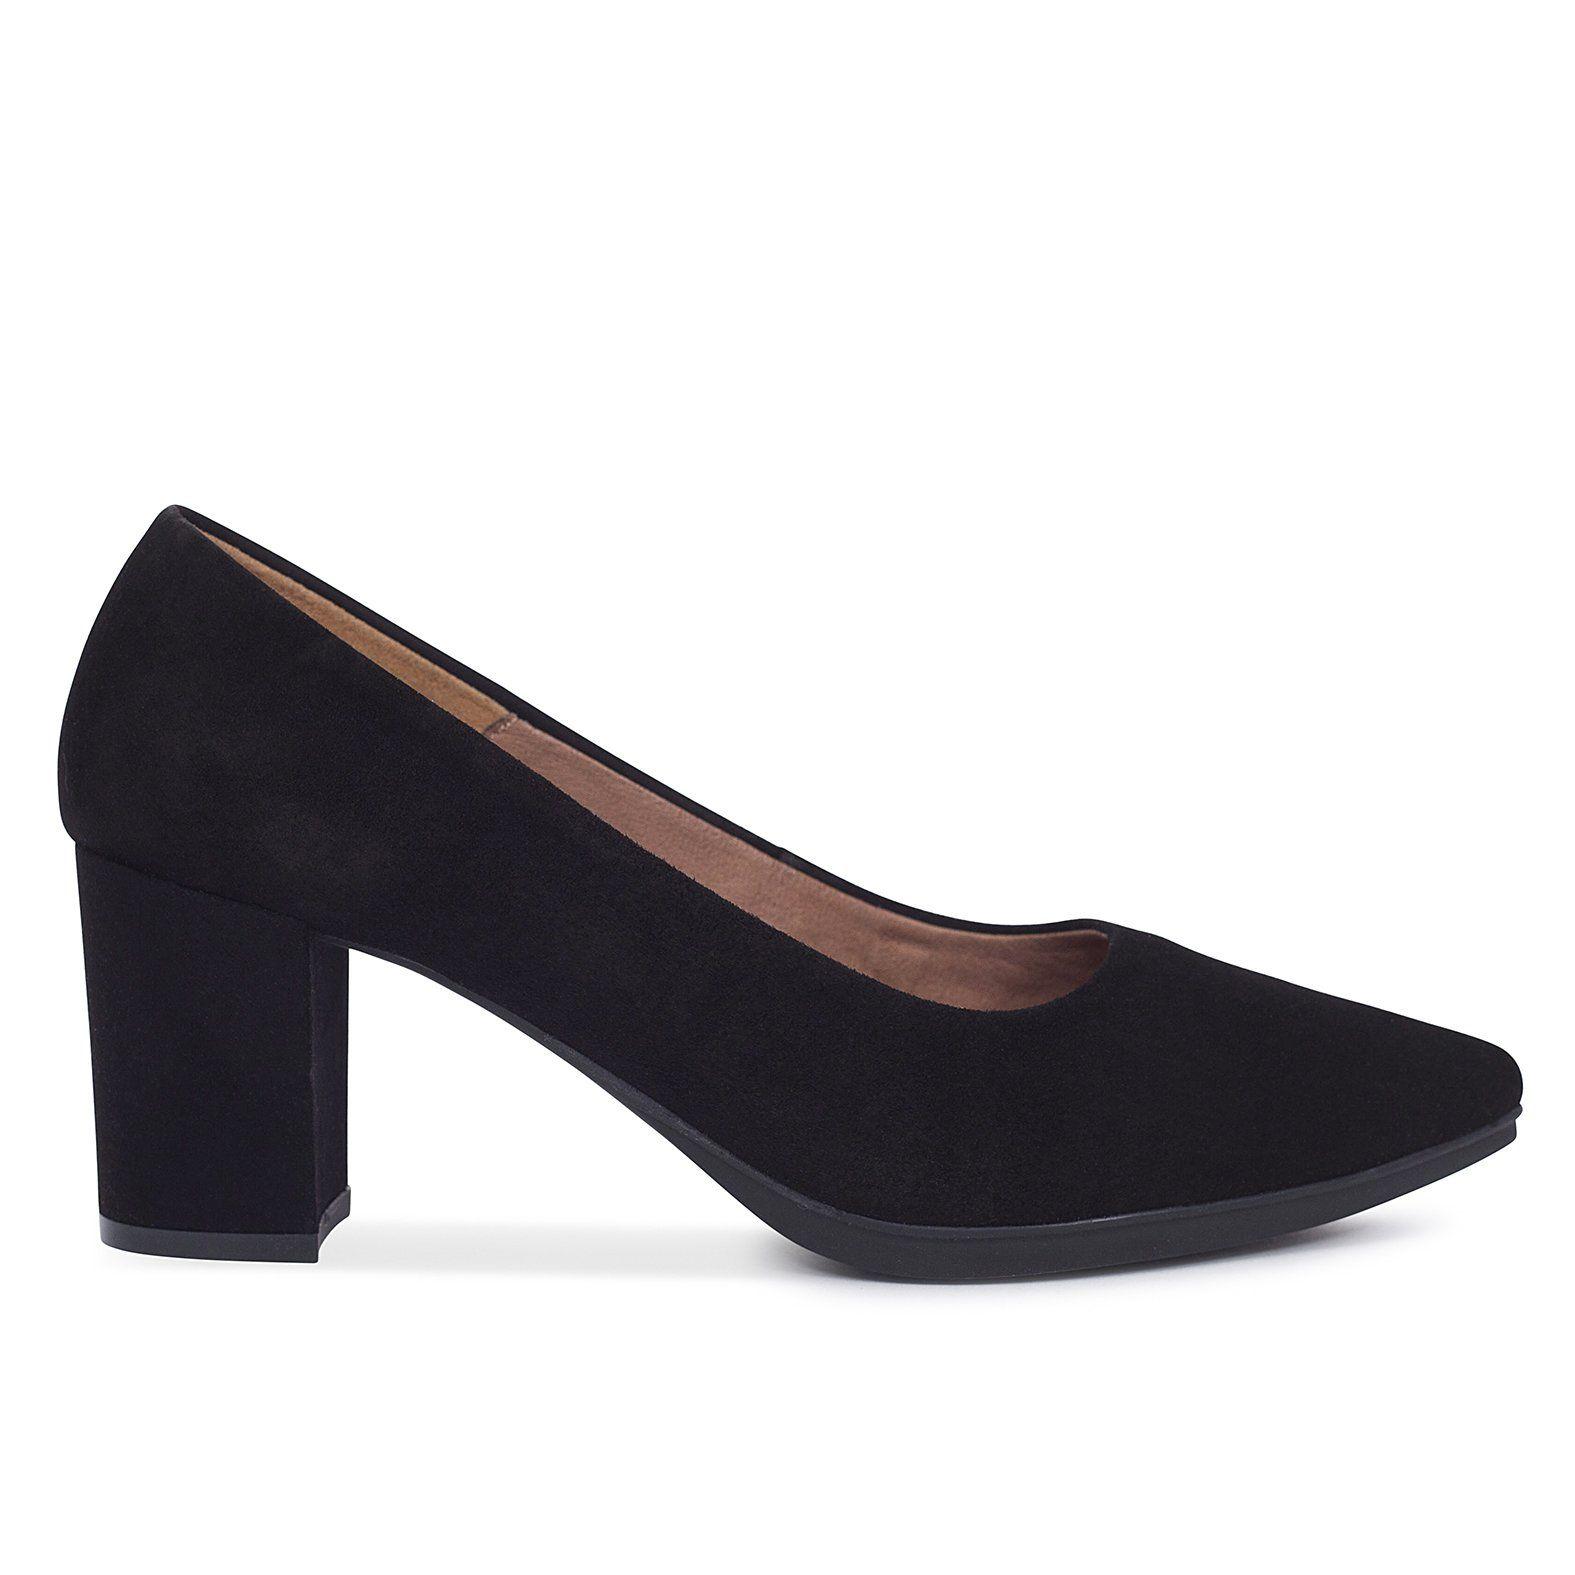 De Zapatos Urban En Tacón Negro 2018 Salón S Mujer Ancho O8gAwq48